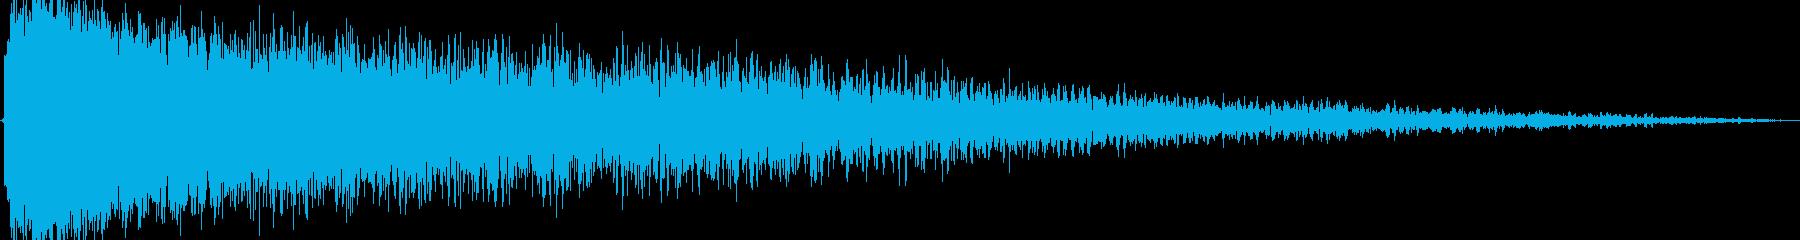 ショックを受ける(ピアノの音色を加工)の再生済みの波形